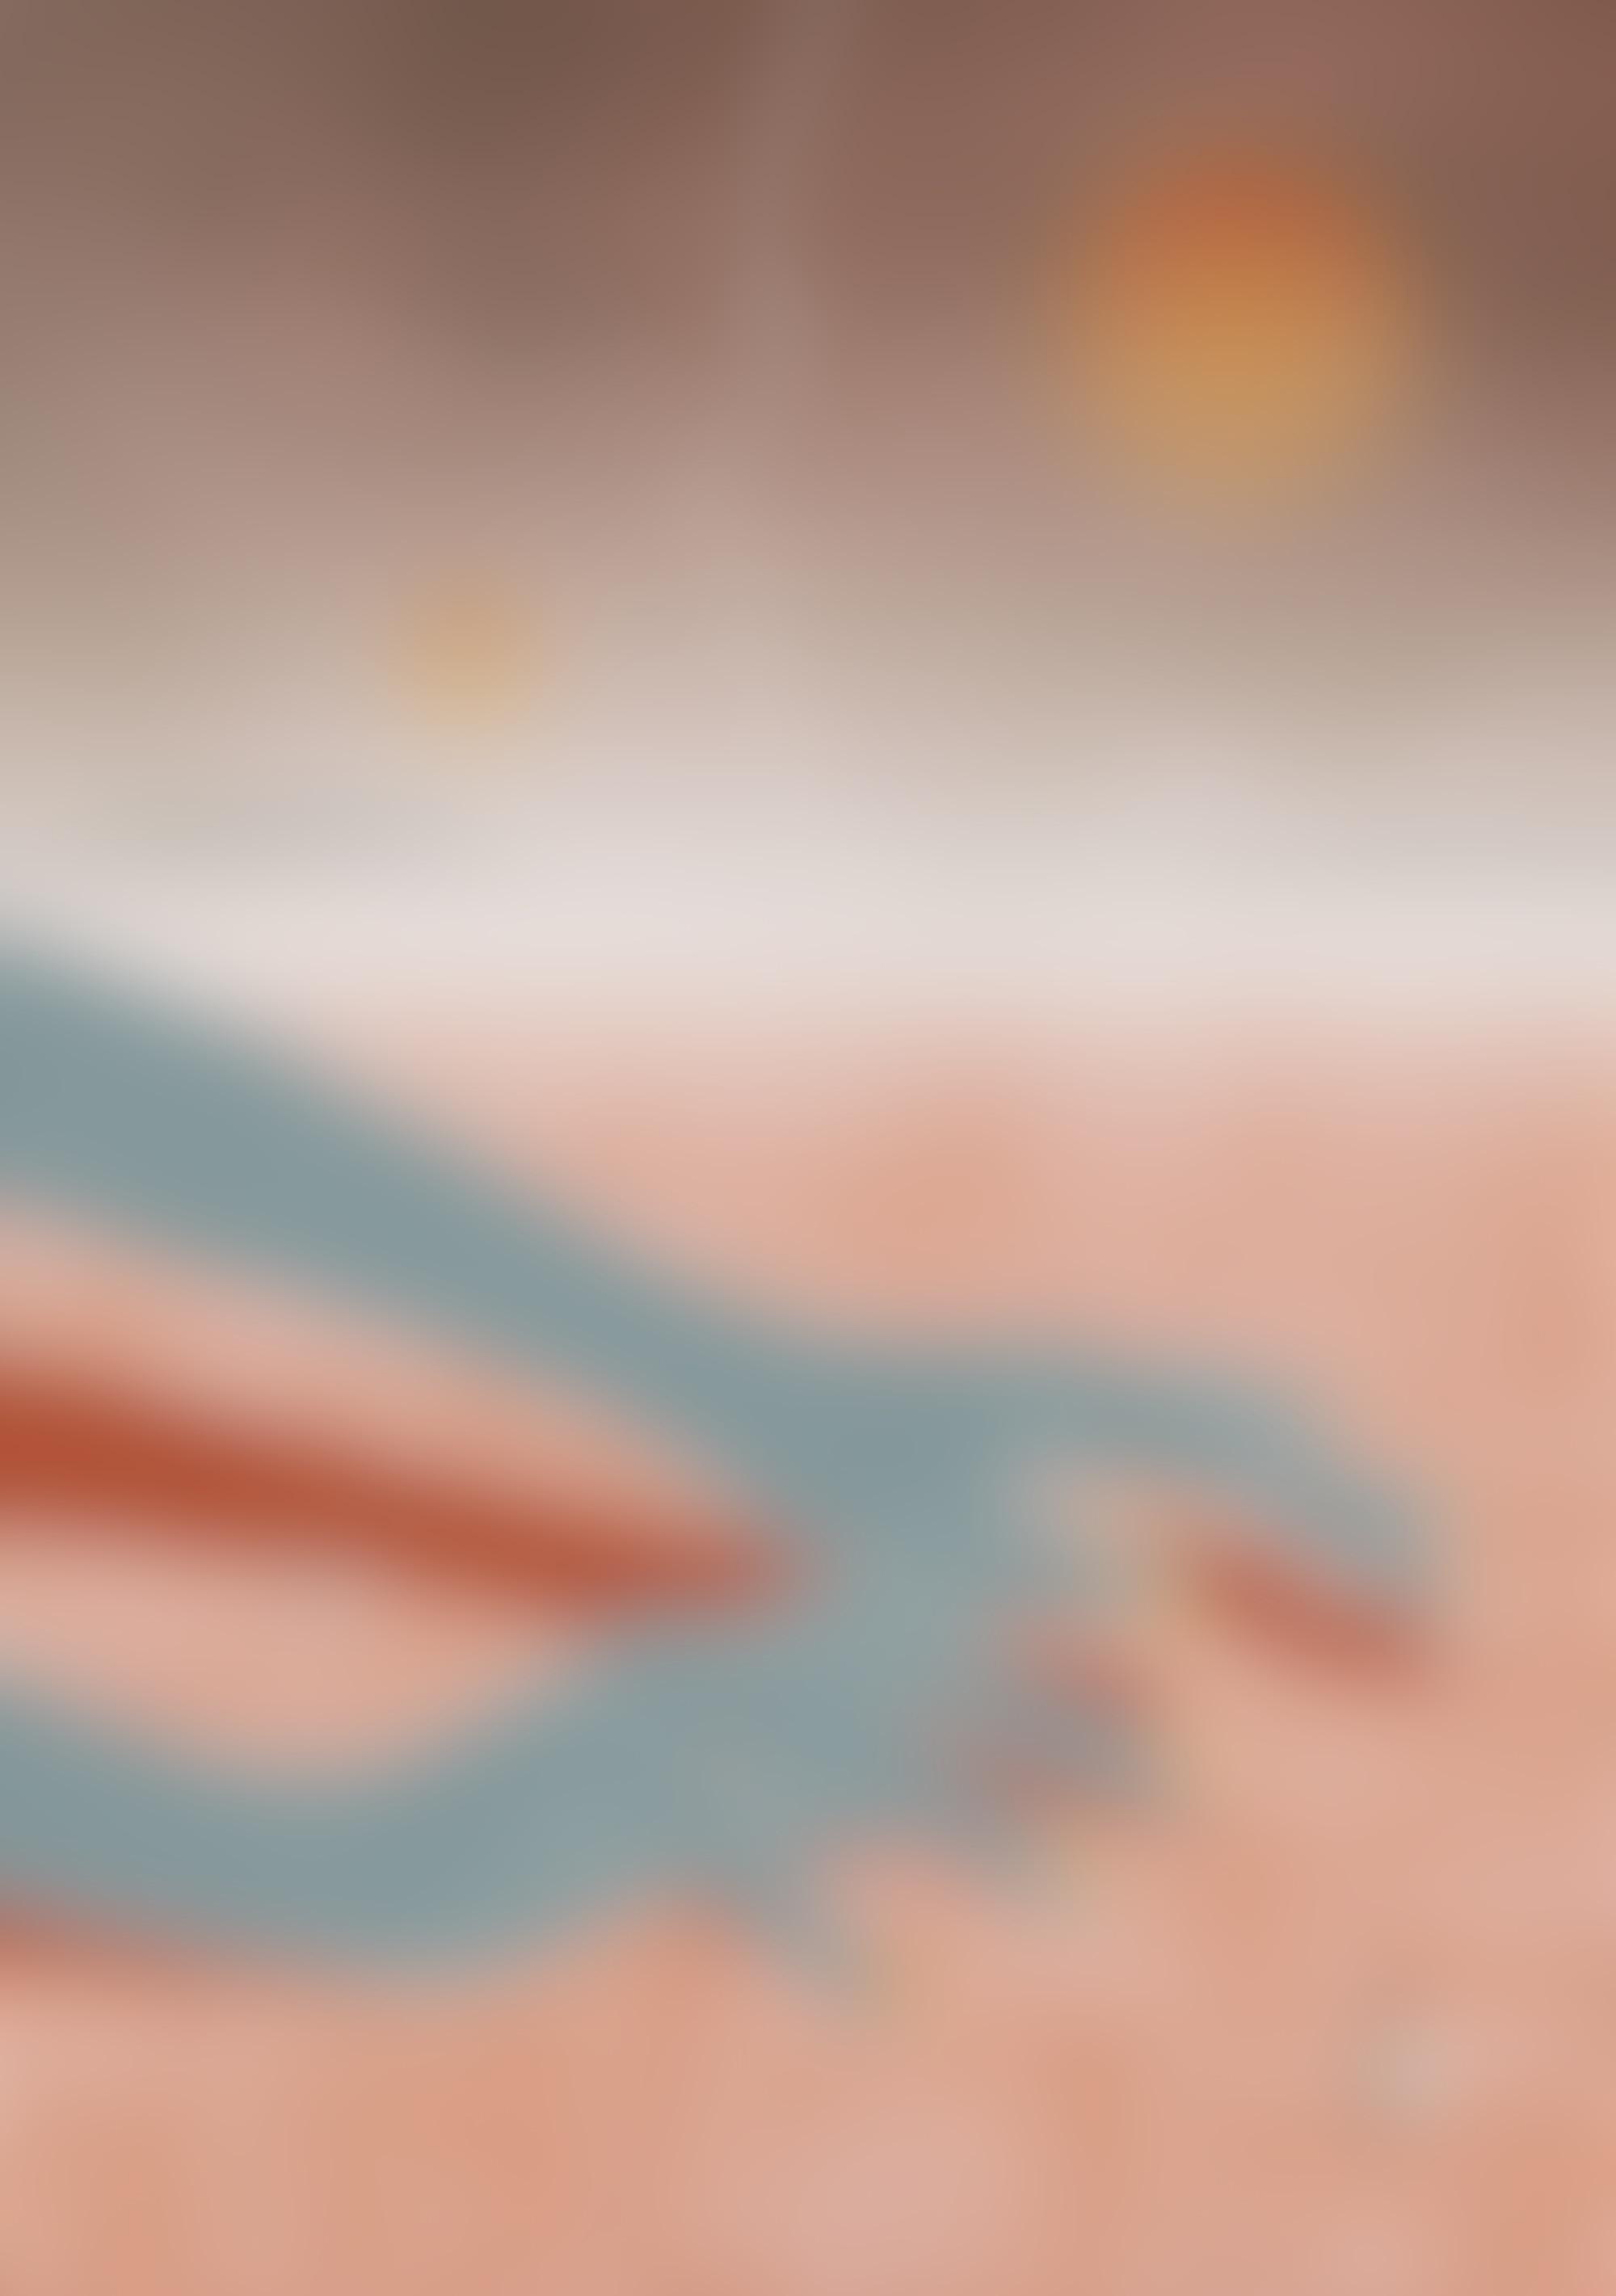 Rsz caroline dowsett painter lecture in progress3 min autocompressfitresizeixlibphp 1 1 0max h2000max w3 D2000q80s149c6984cddd8c882e261775f60d8bcf